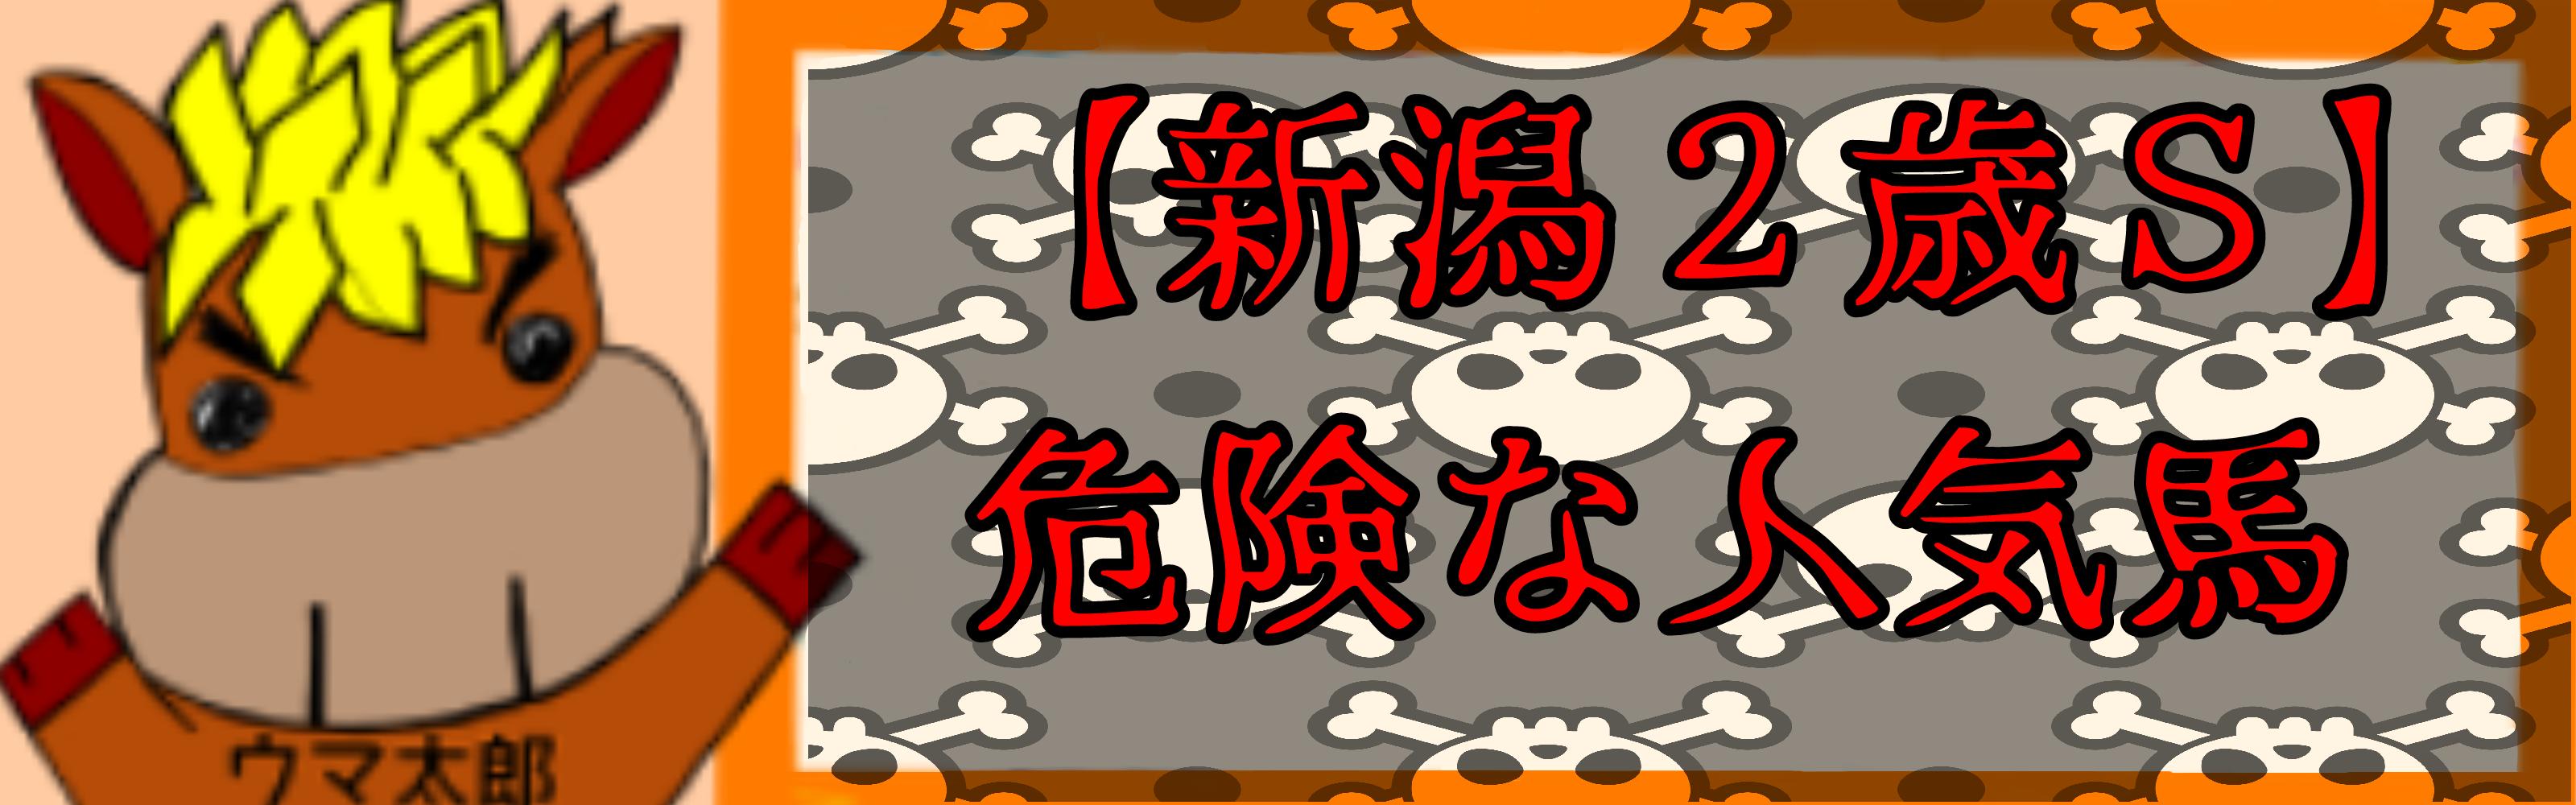 【新潟2歳S】危険な人気馬